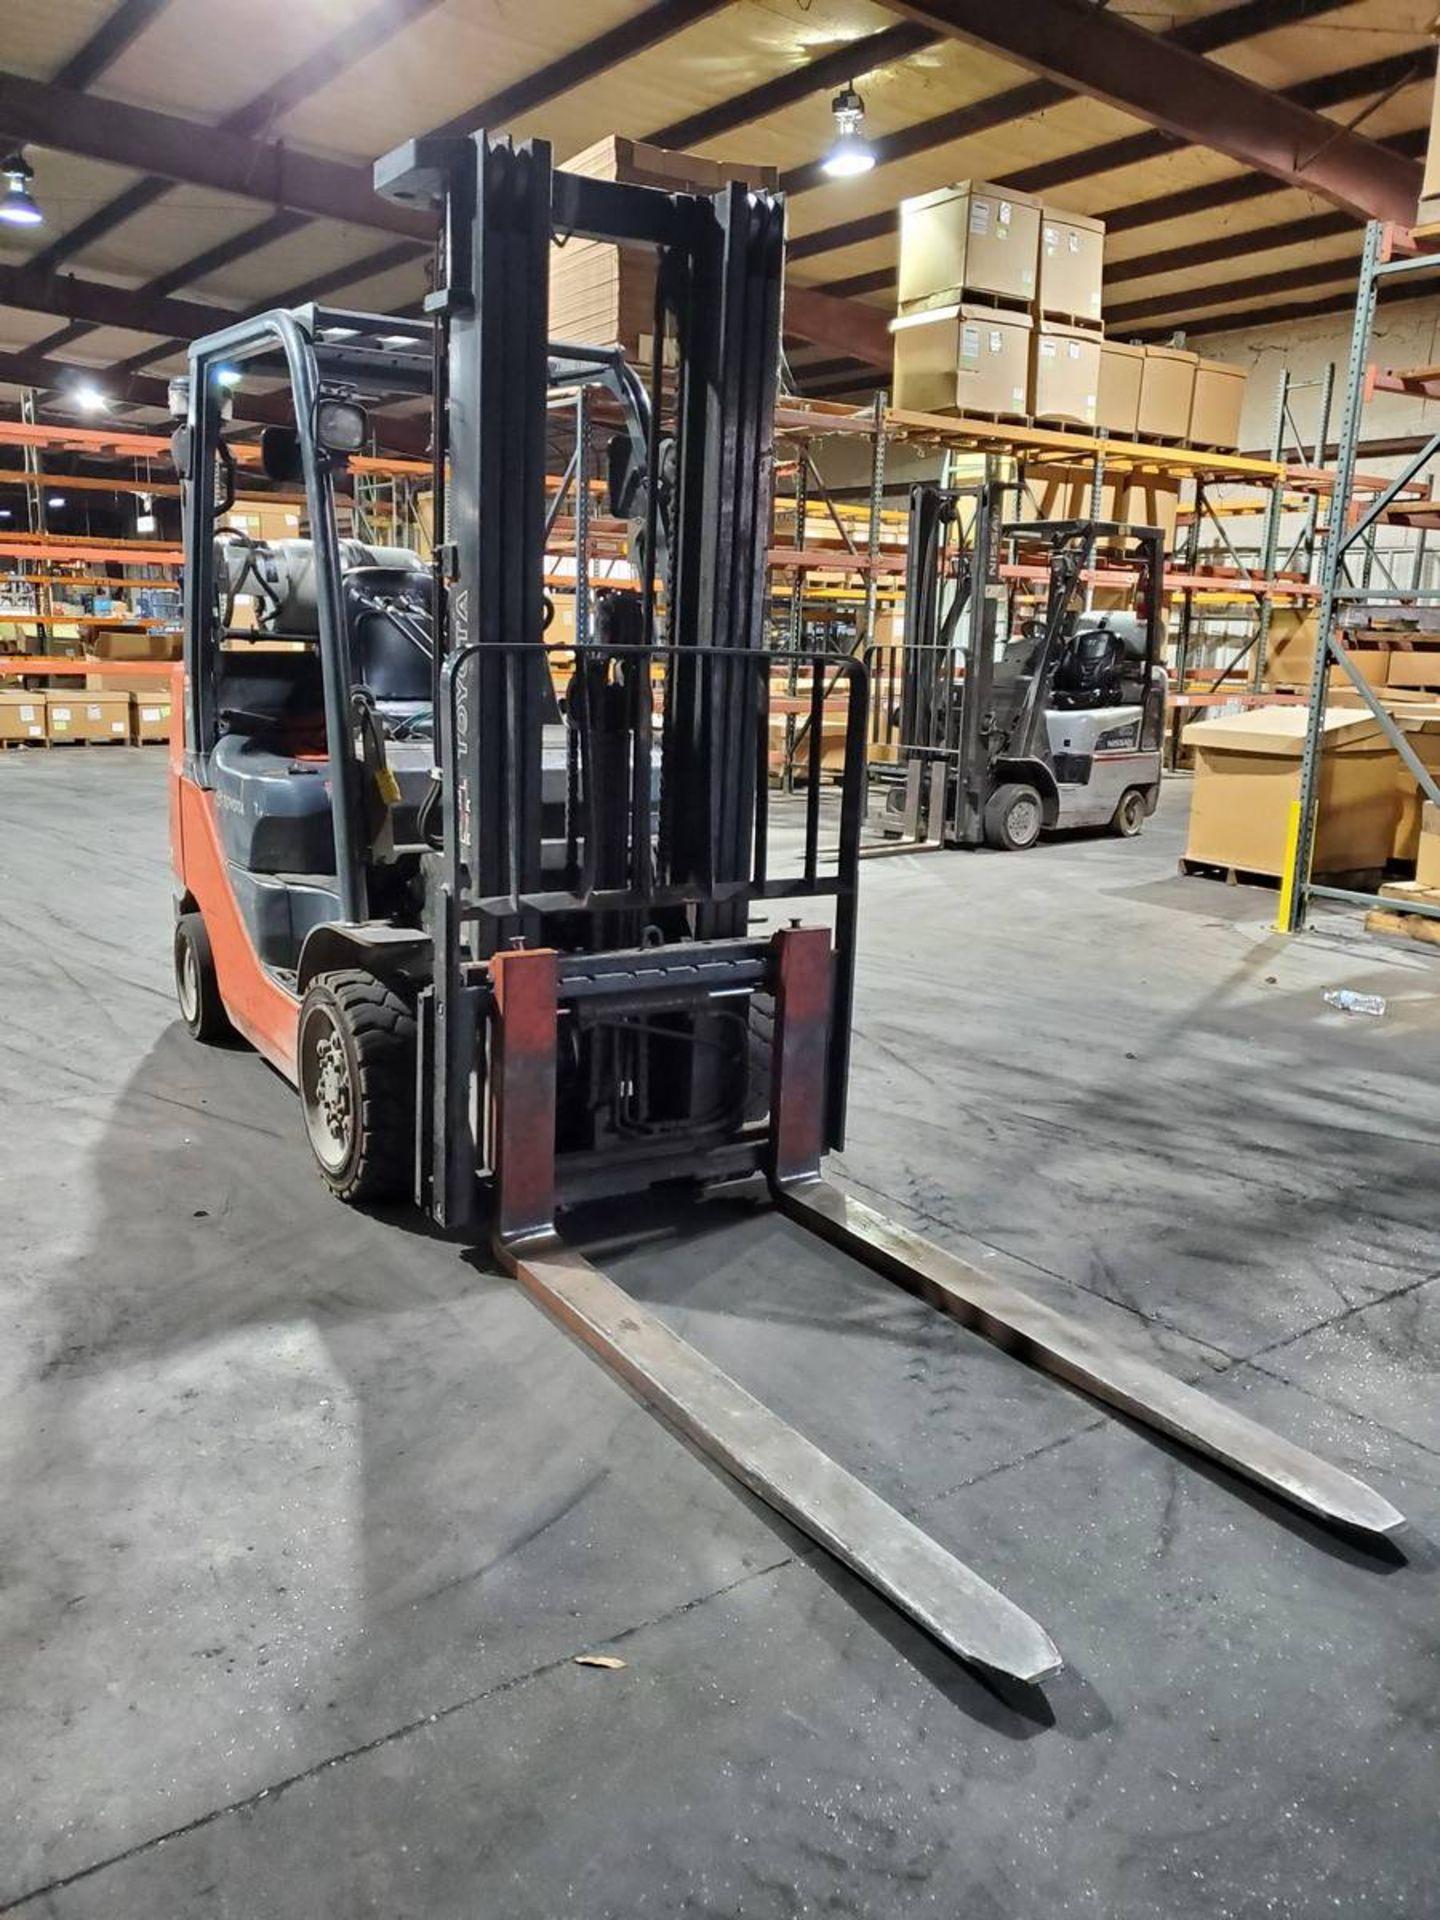 2015 Toyota 8FGCU30 LPG Forklift - Image 2 of 9